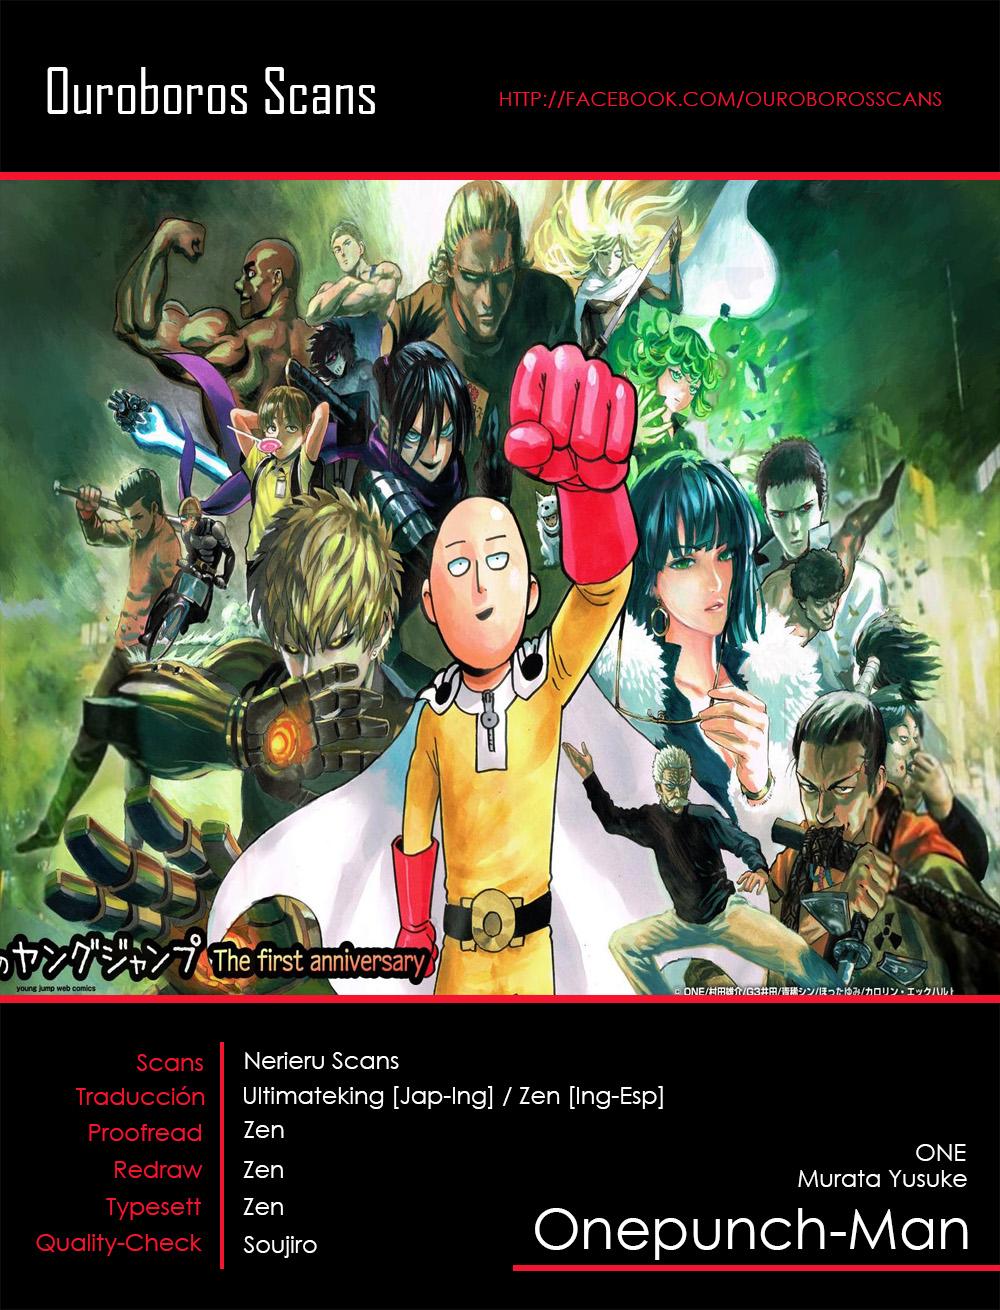 http://c5.ninemanga.com/es_manga/21/14805/419320/287c07733f6693ef44048143aa83bc5f.jpg Page 1